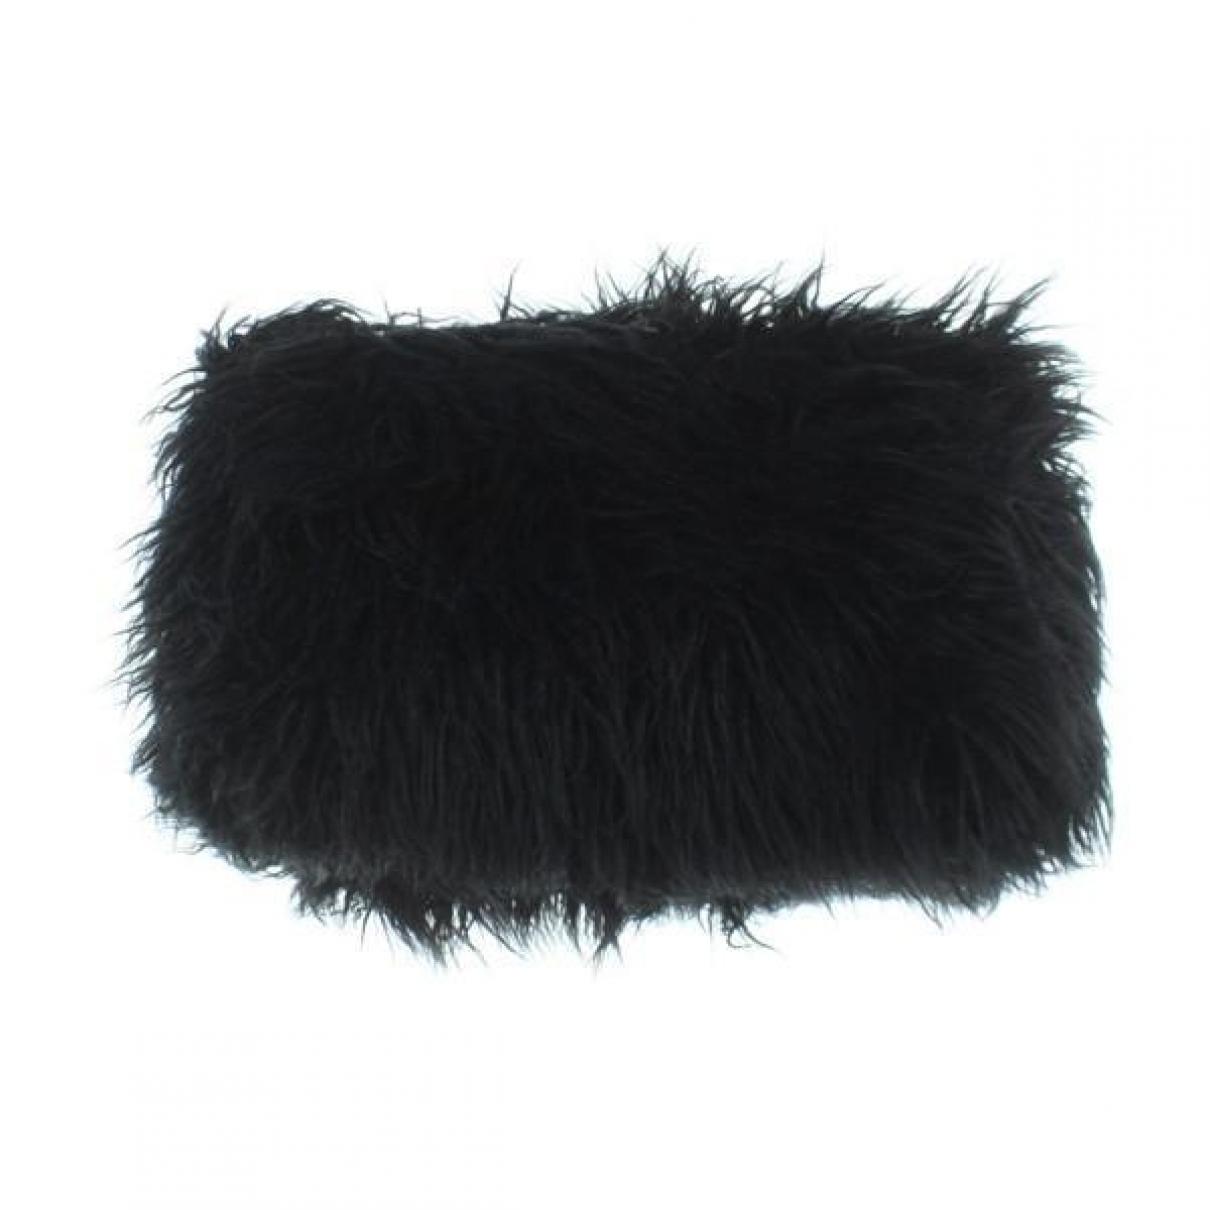 Dries Van Noten \N Black Fur Clutch bag for Women \N